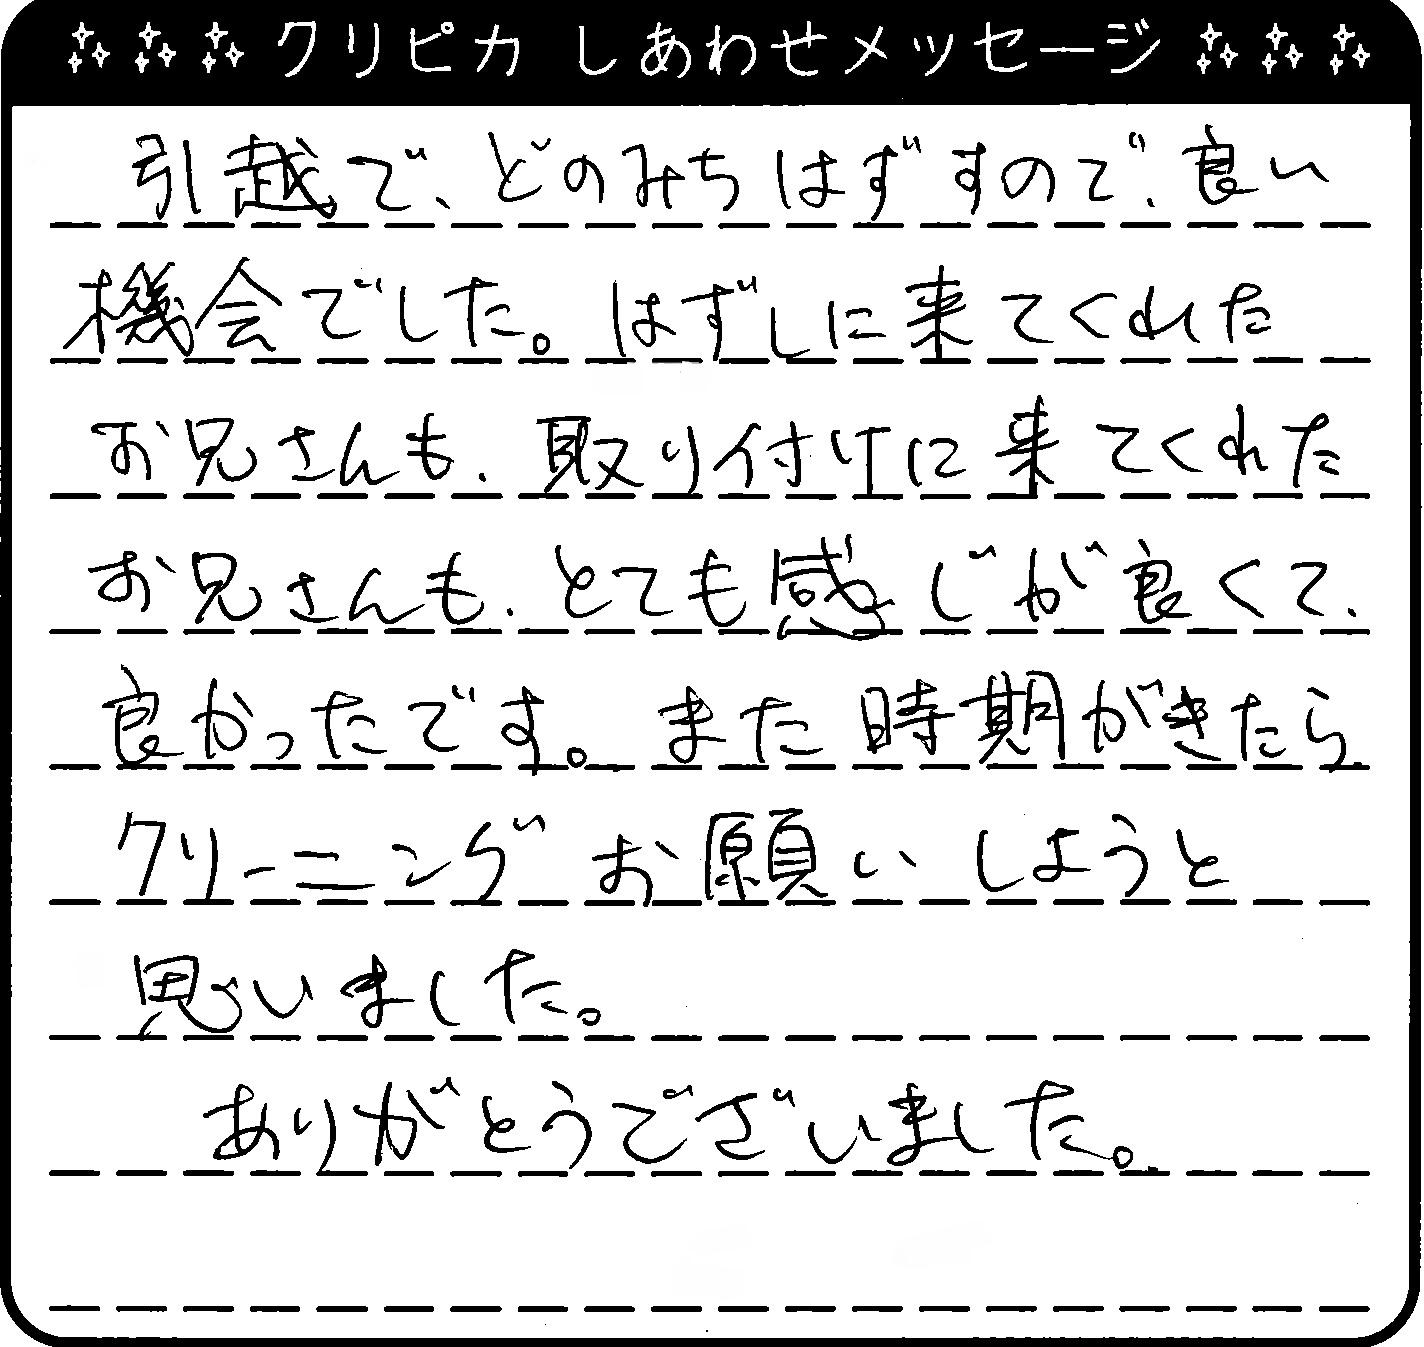 千葉県 M様からのしあわせメッセージ